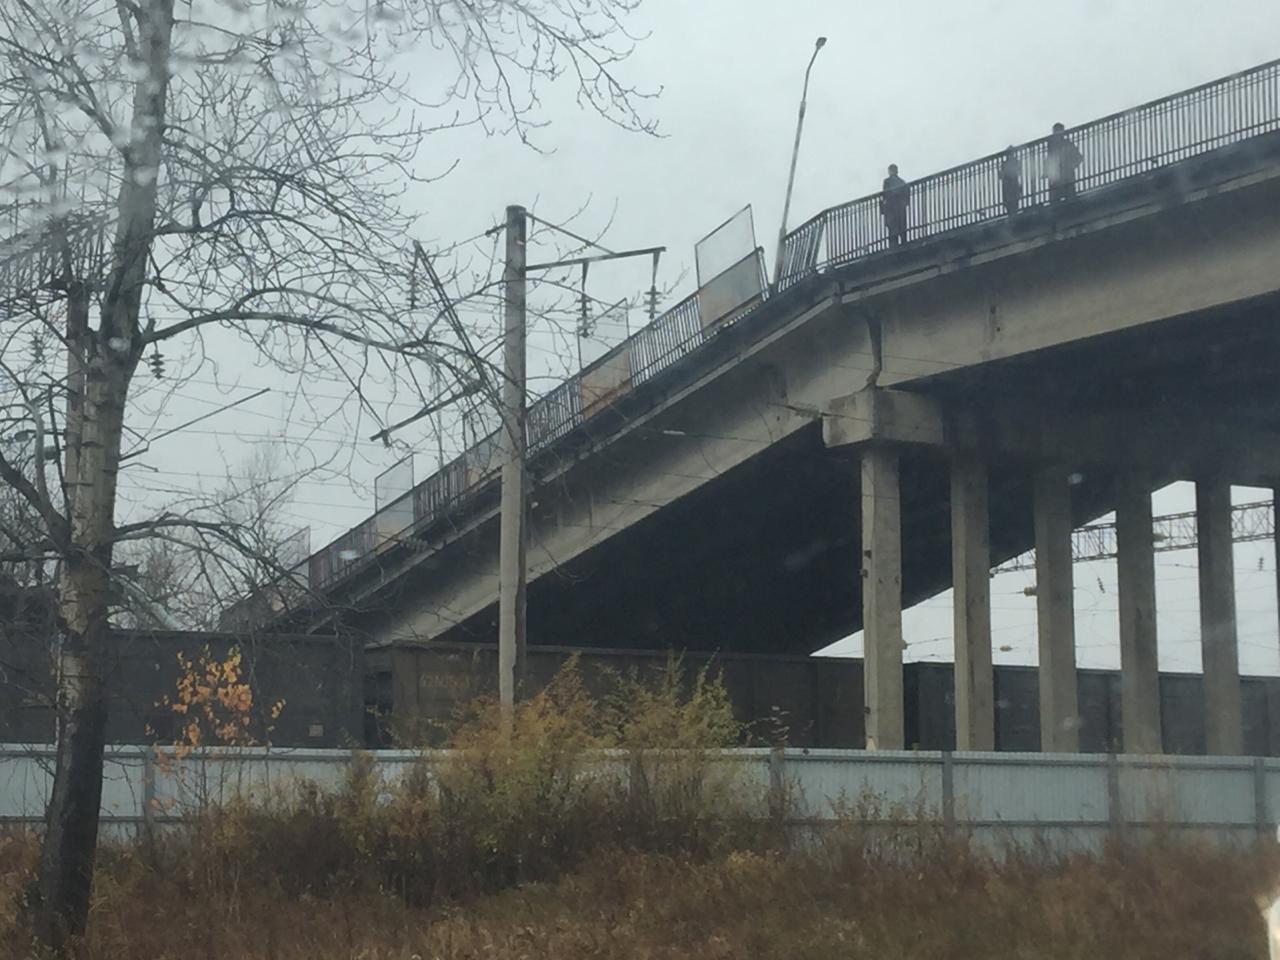 В Приамурье мост рухнул на проходивший по главному пути Транссиба поезд